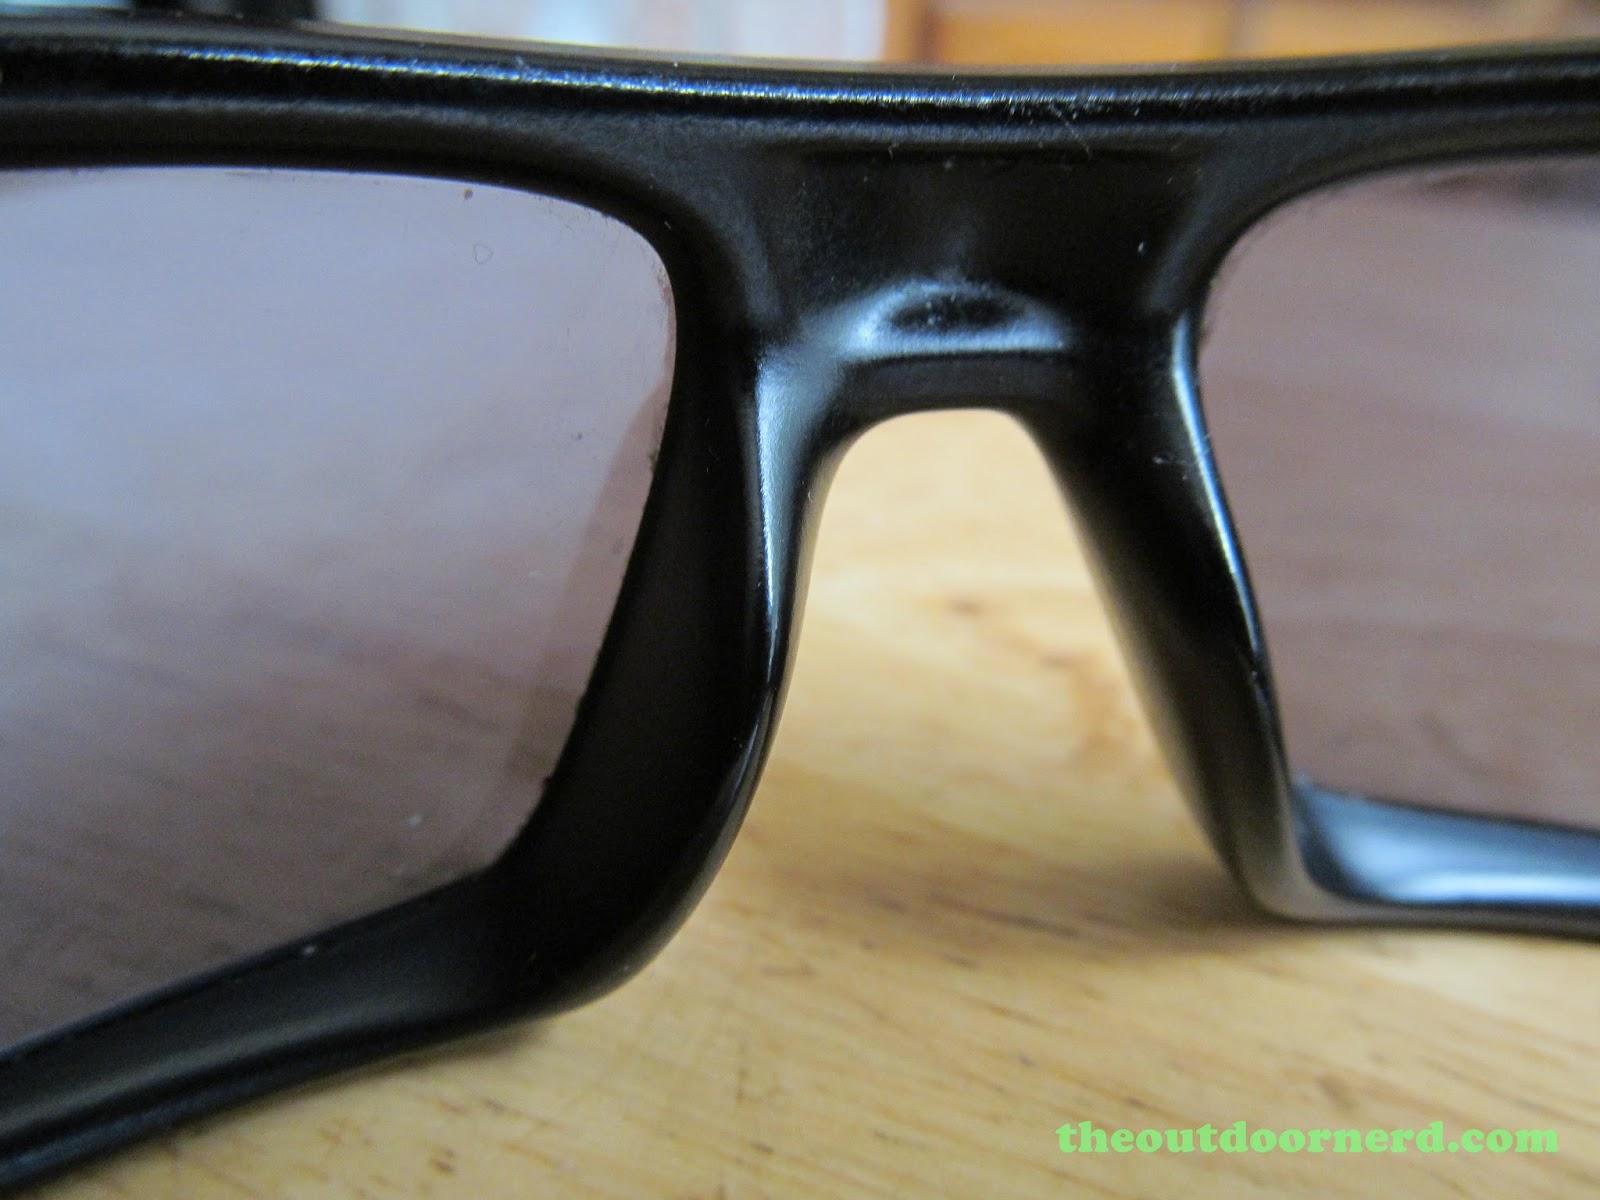 cheap gascan oakley sunglasses bxxa  oakey glasses last season oakley sunglasses the ray bans